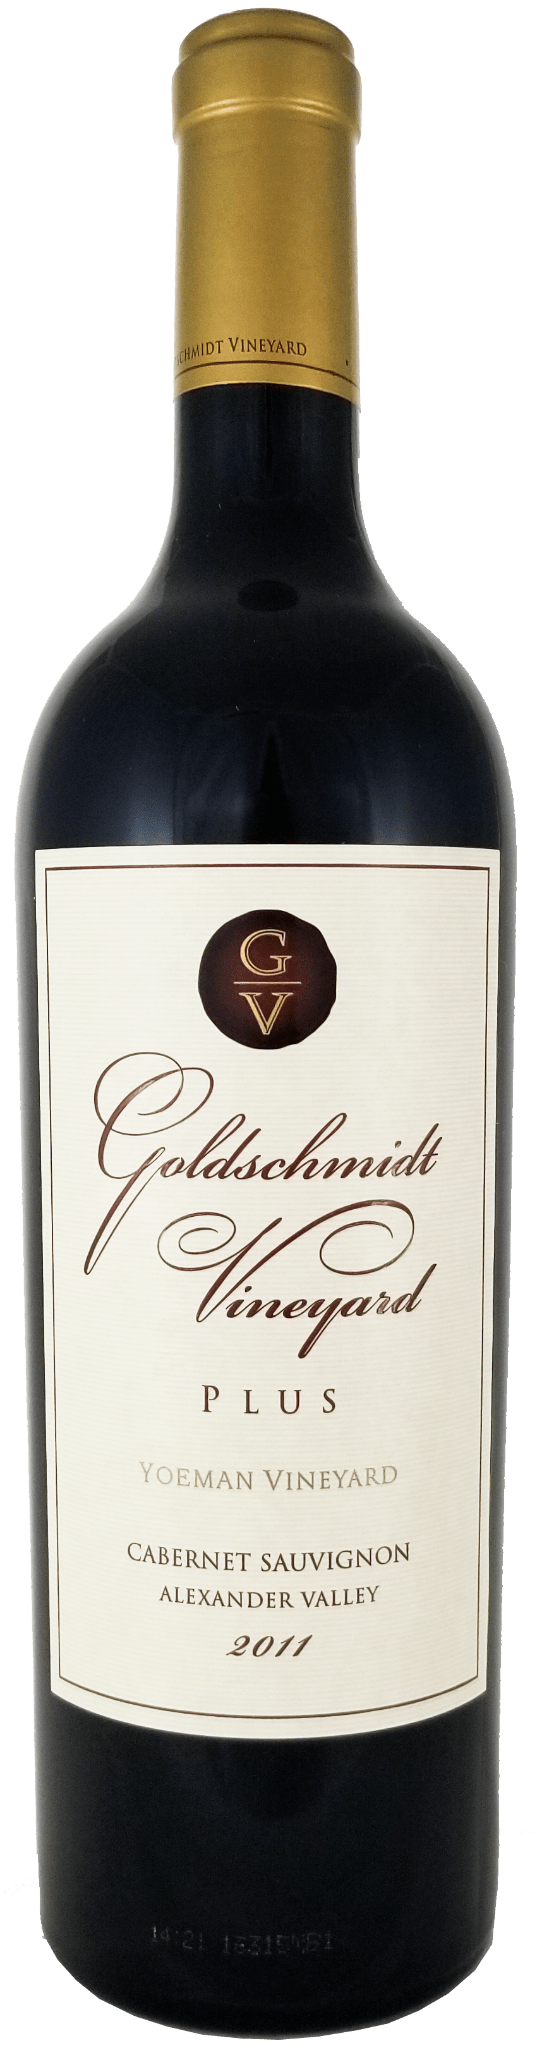 goldschmidt-plus-yoeman-cabernet-sauvignon-1-1-1